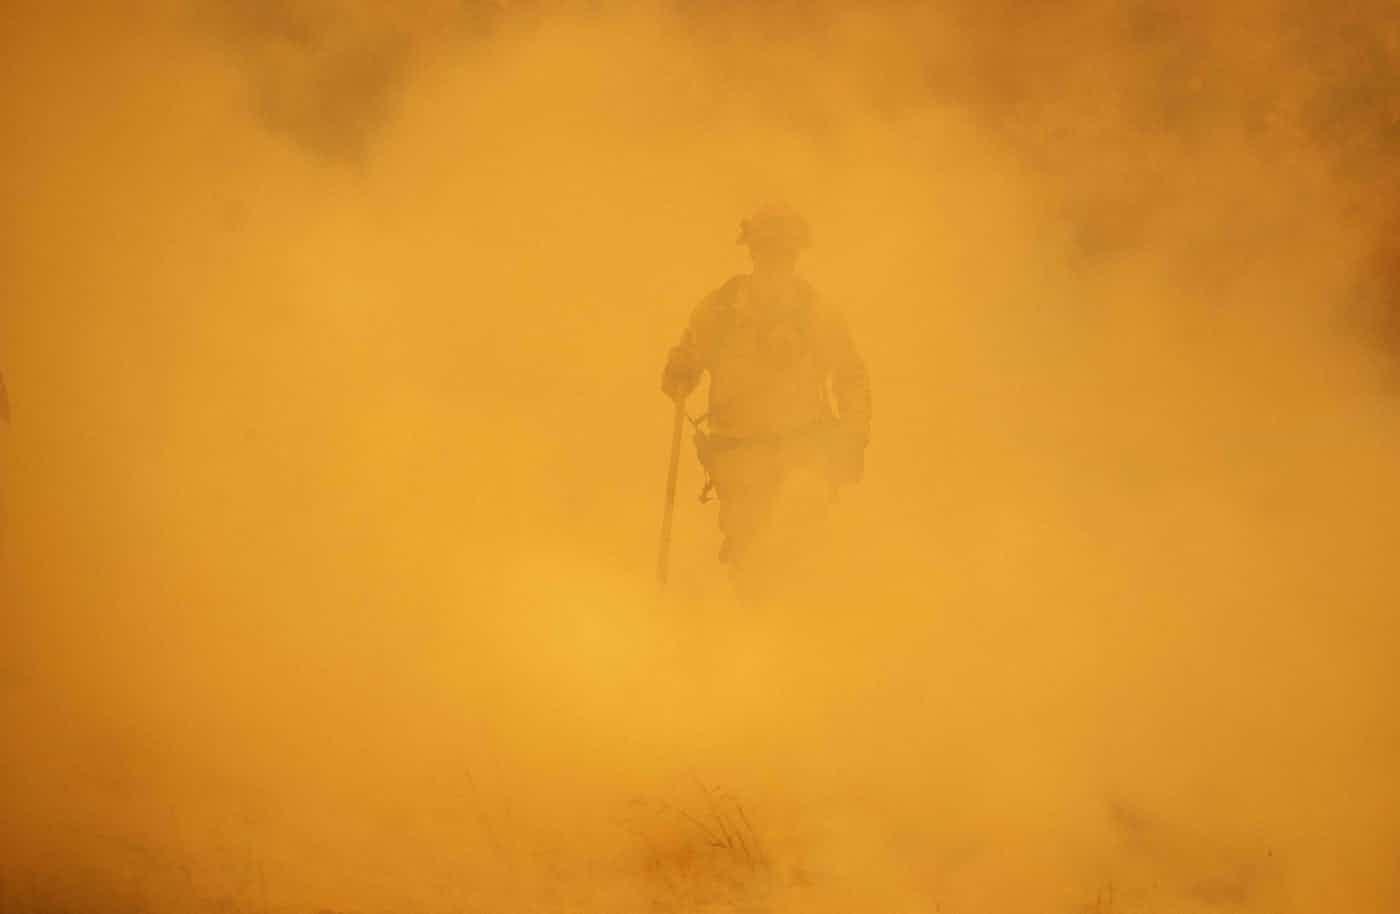 عکس روز: آتشنشان در میان دود